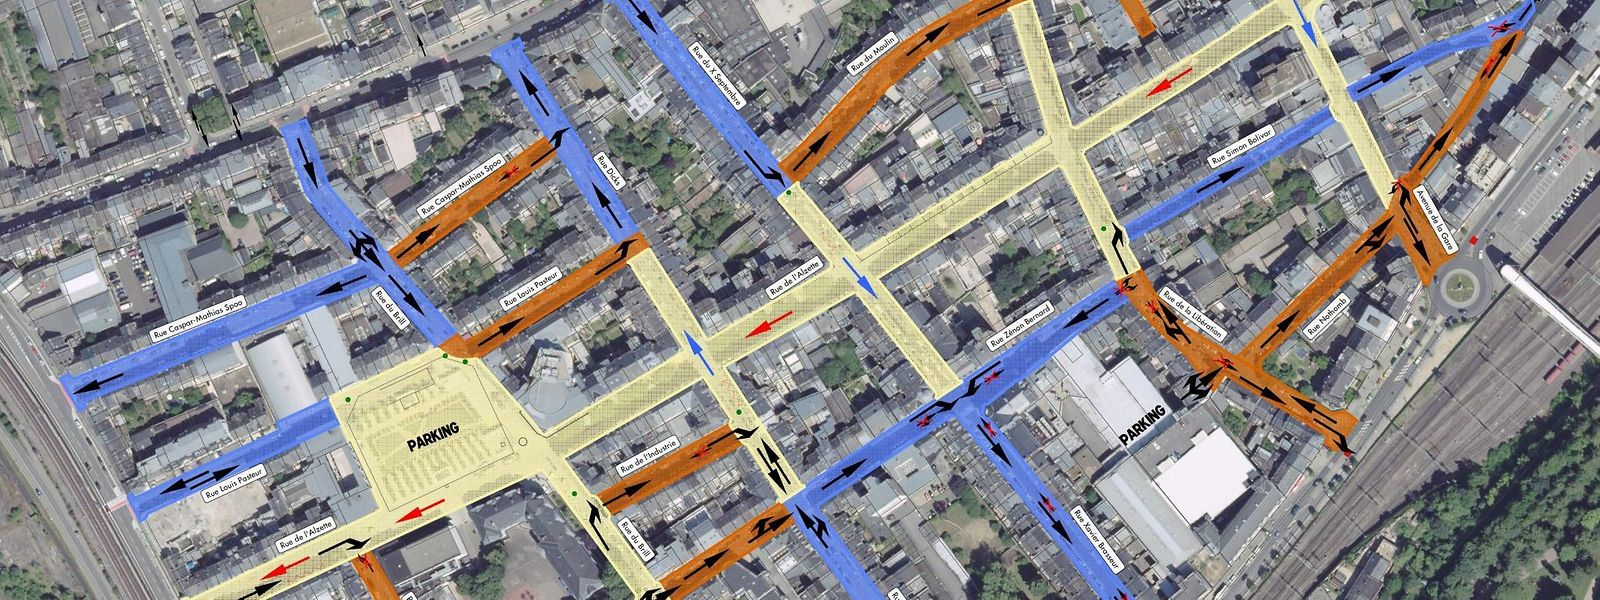 Gelb eingezeichnet ist die Fußgängerzone, orange eingetragen sind die Begegnungszonen (Tempo 20) und blau die Tempo-30-Straßen.